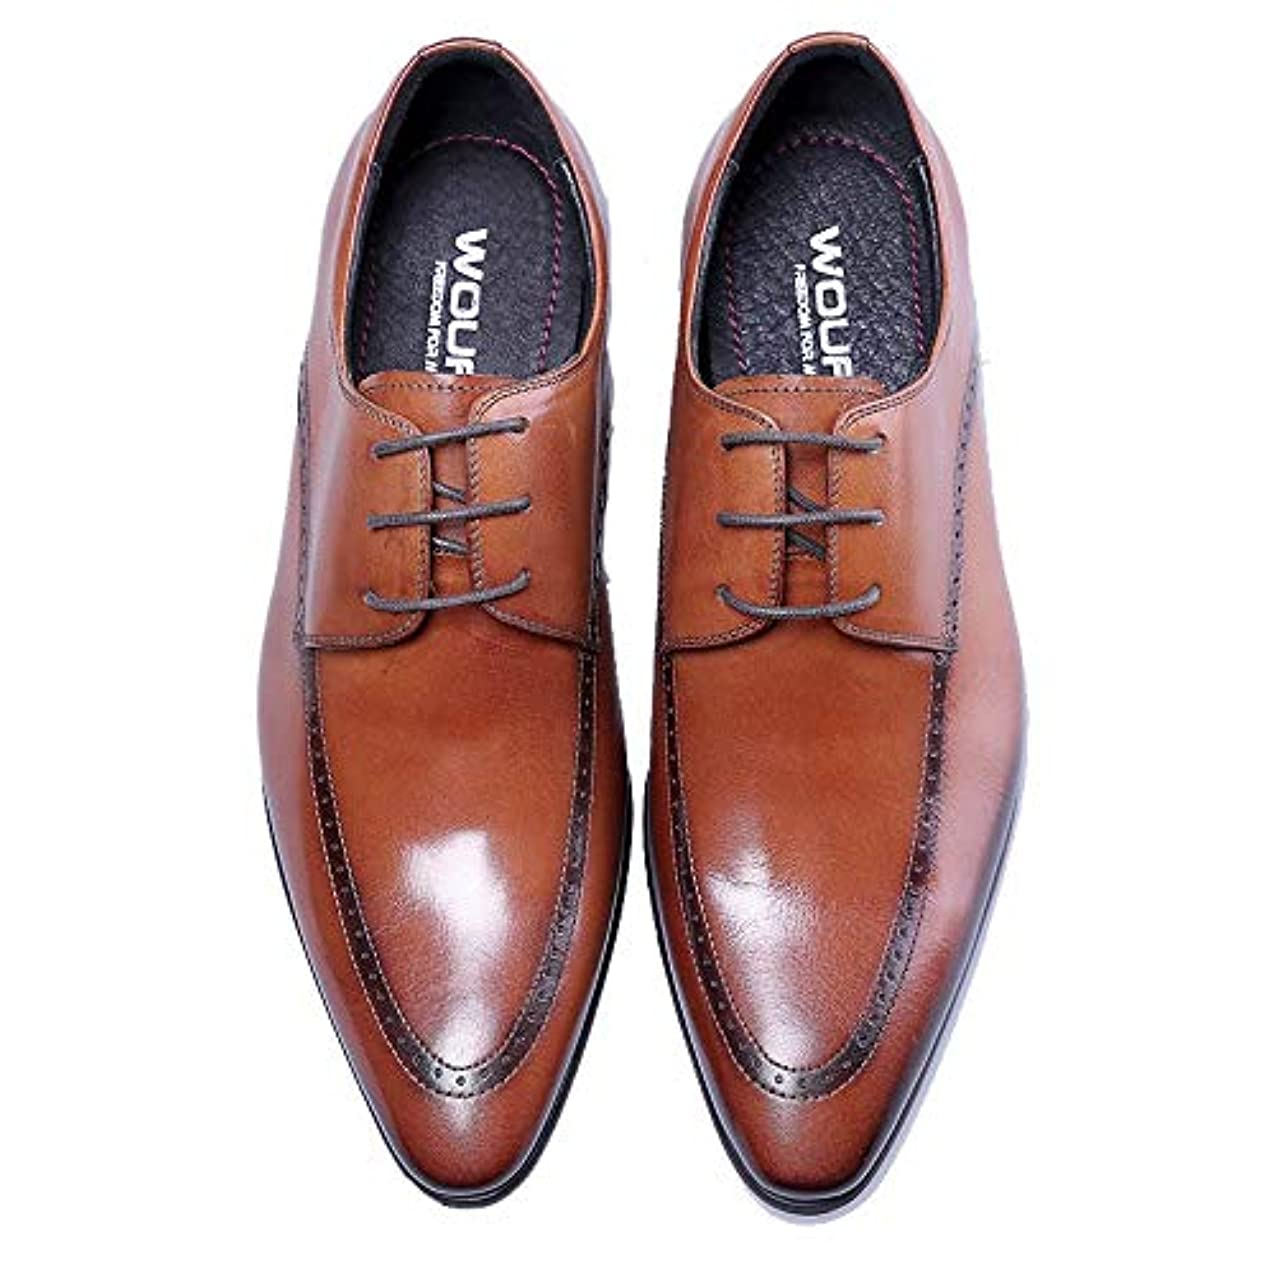 夏文明化オピエートビジネスシューズ レザー 本革 オックスフォード ロングノーズ レースアップ 通勤靴 スーツ ブラック ブラウン 2158-01